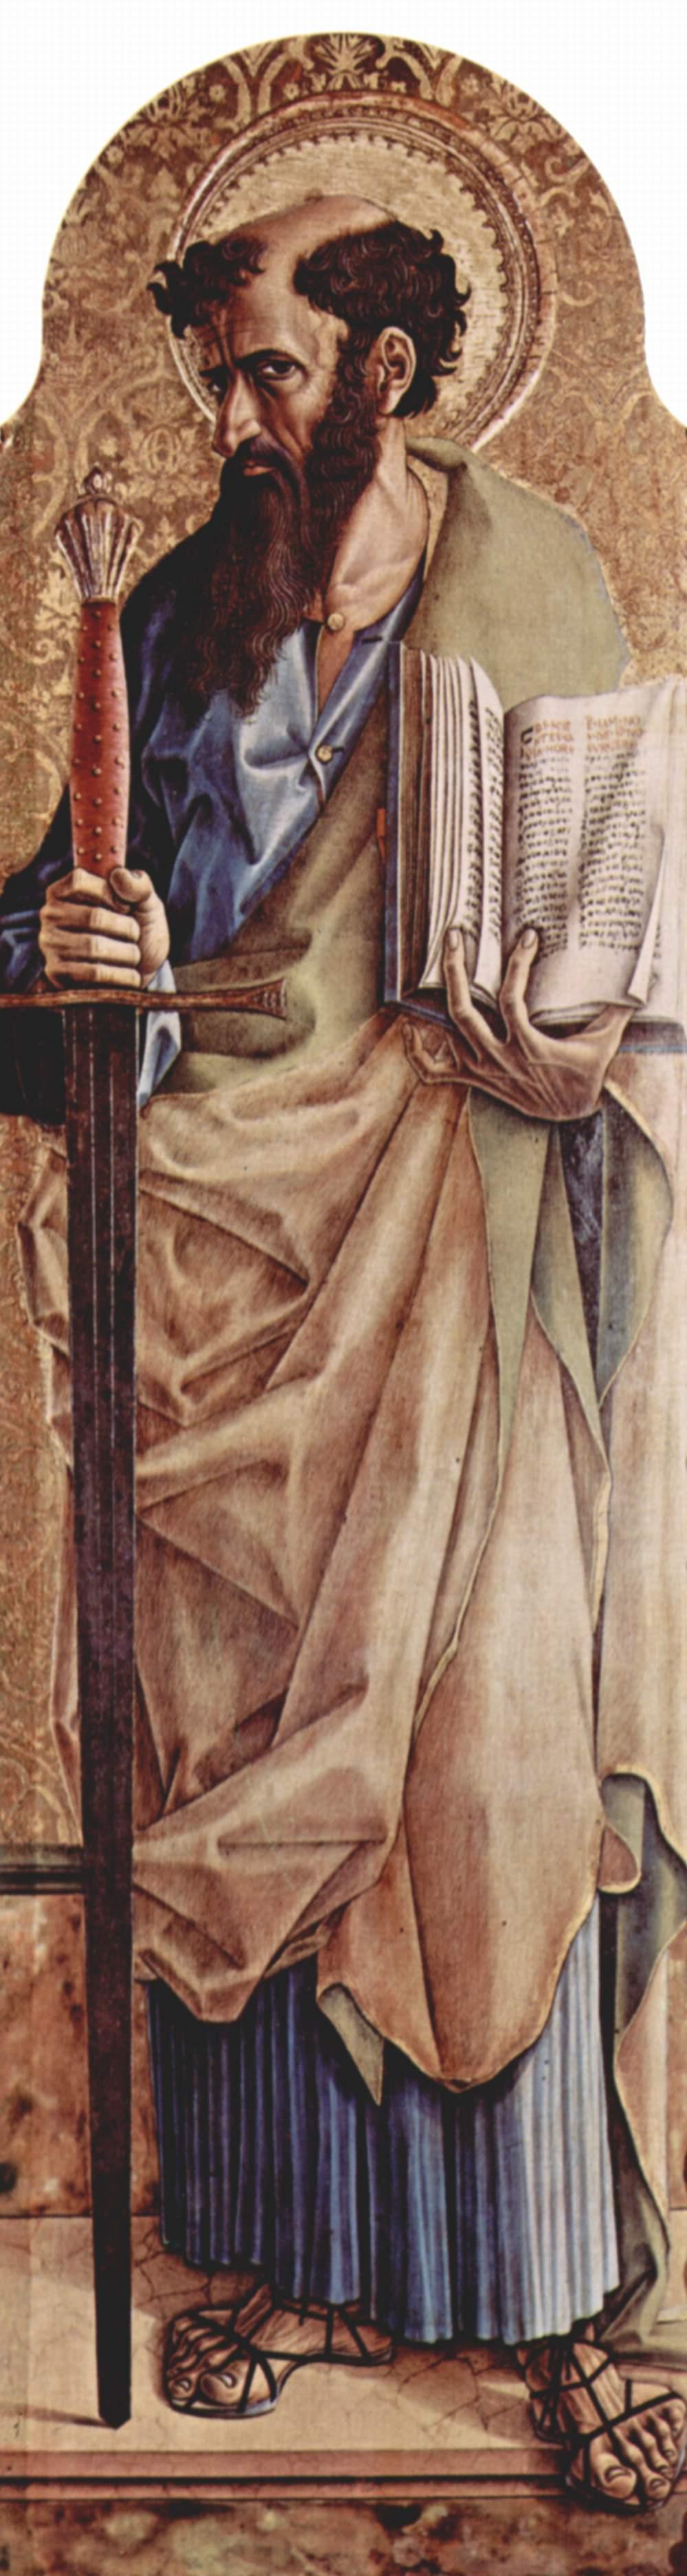 Центральный алтарь кафедрального собора в Асколи, полиптих, правая створка внешняя сторона  св. Павел, Карло Кривелли